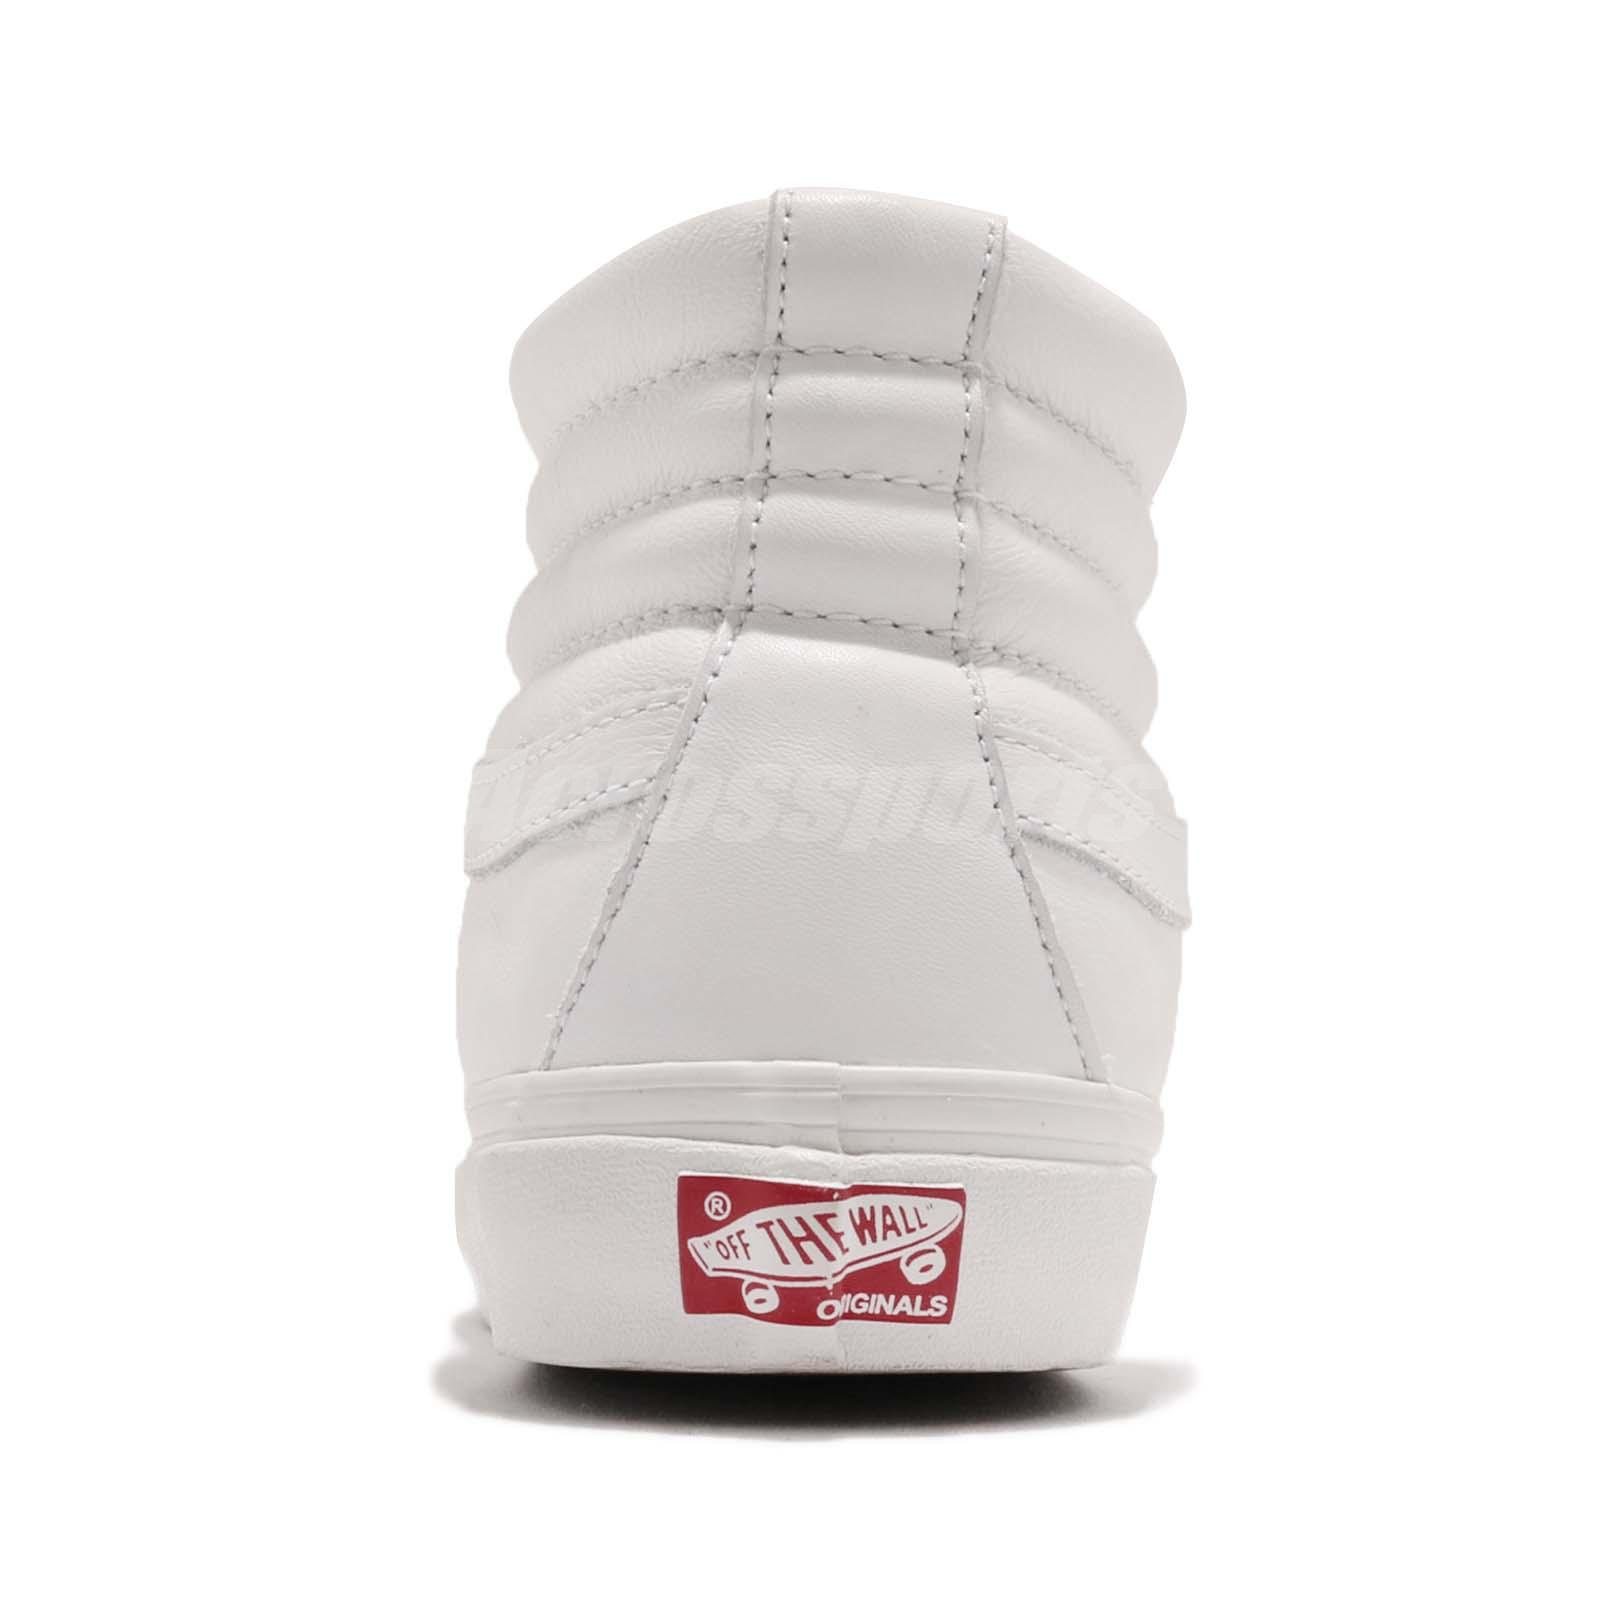 71e2af9a438405 Vans Vault OG Sk8-Hi LX White Leather Men Women Skate Boarding ...